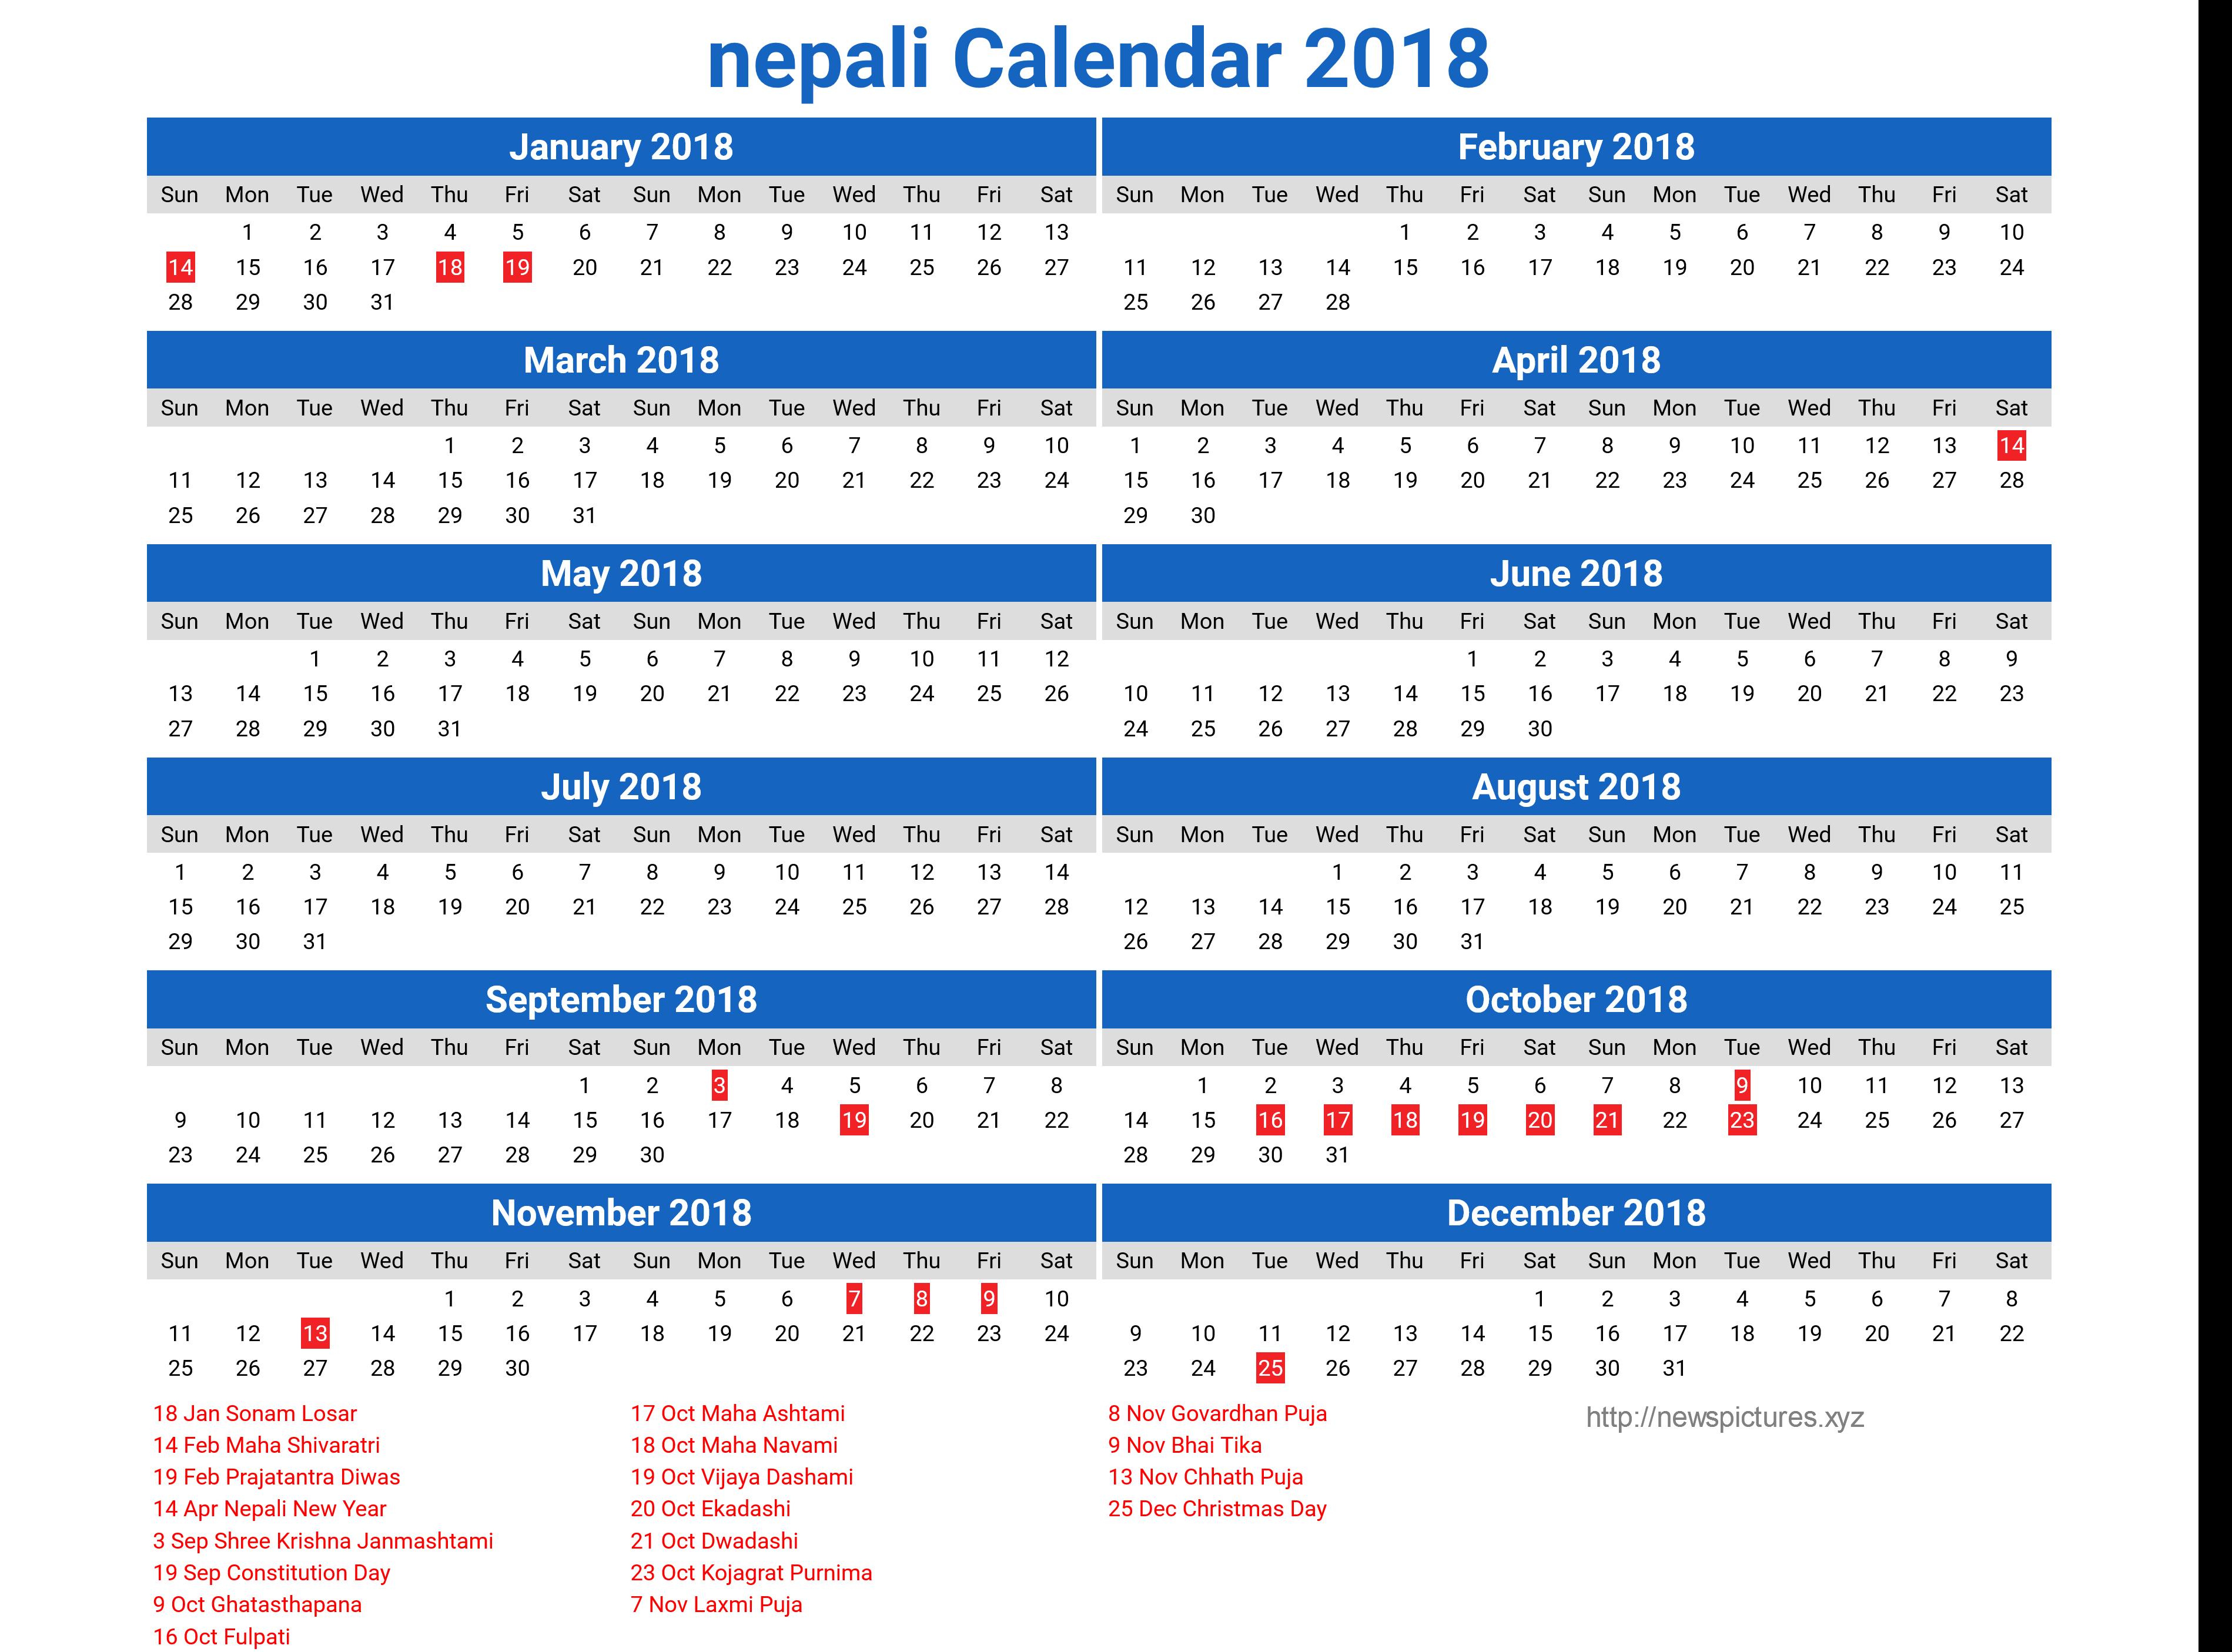 nepali calendar 2018 13 newspictures.xyz